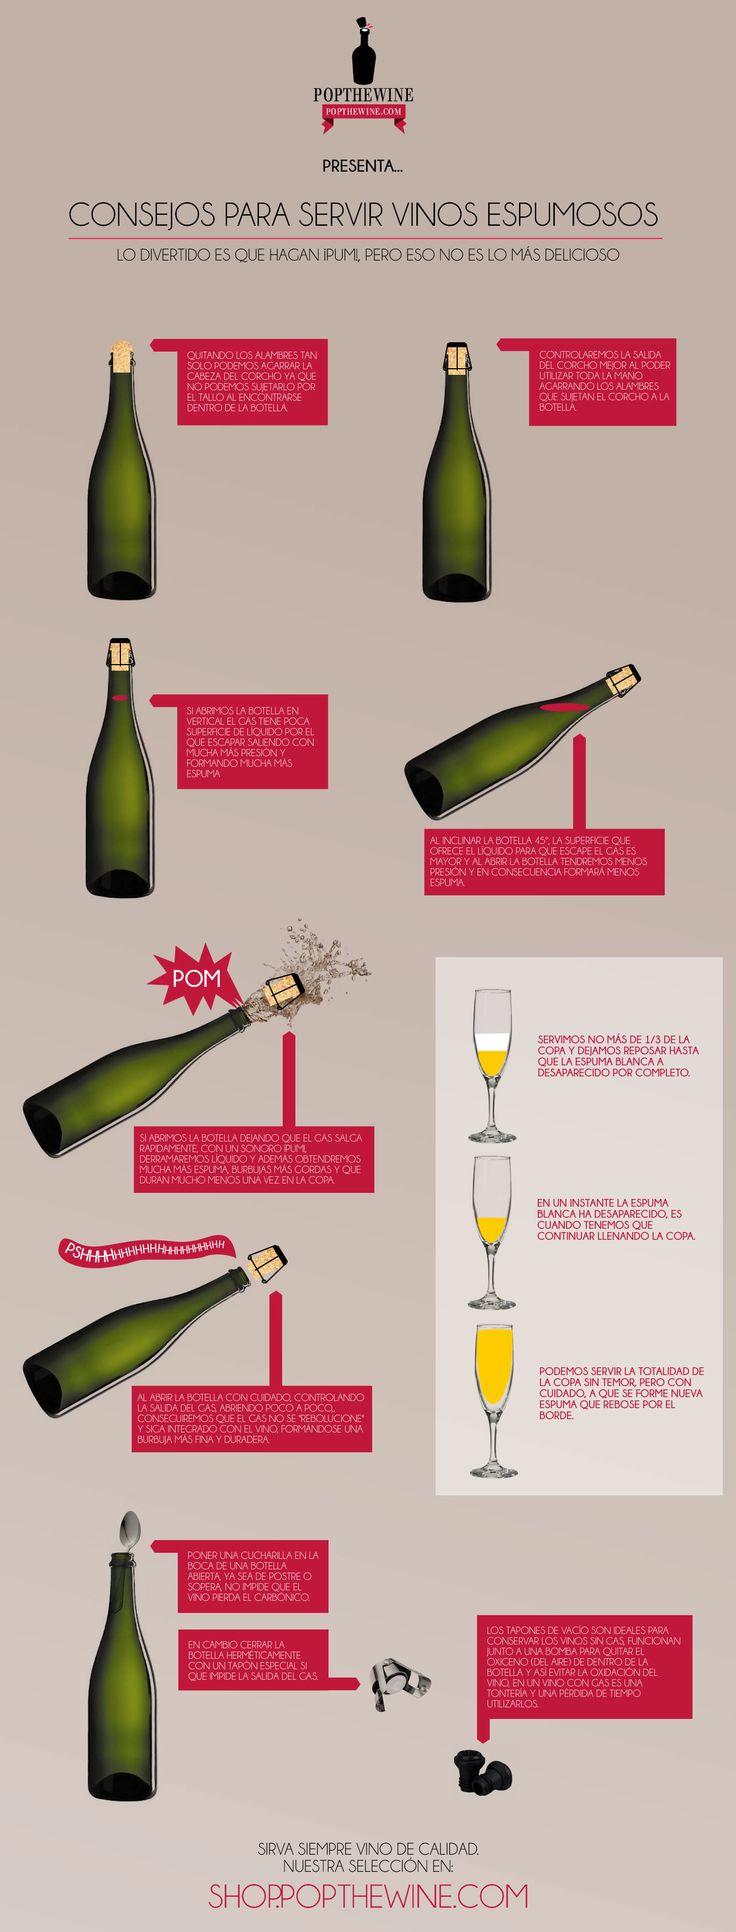 No romper la armonía entre el vino y el gas carbónico es el propósito que nos lleva a servir el vino espumoso de una manera correcta